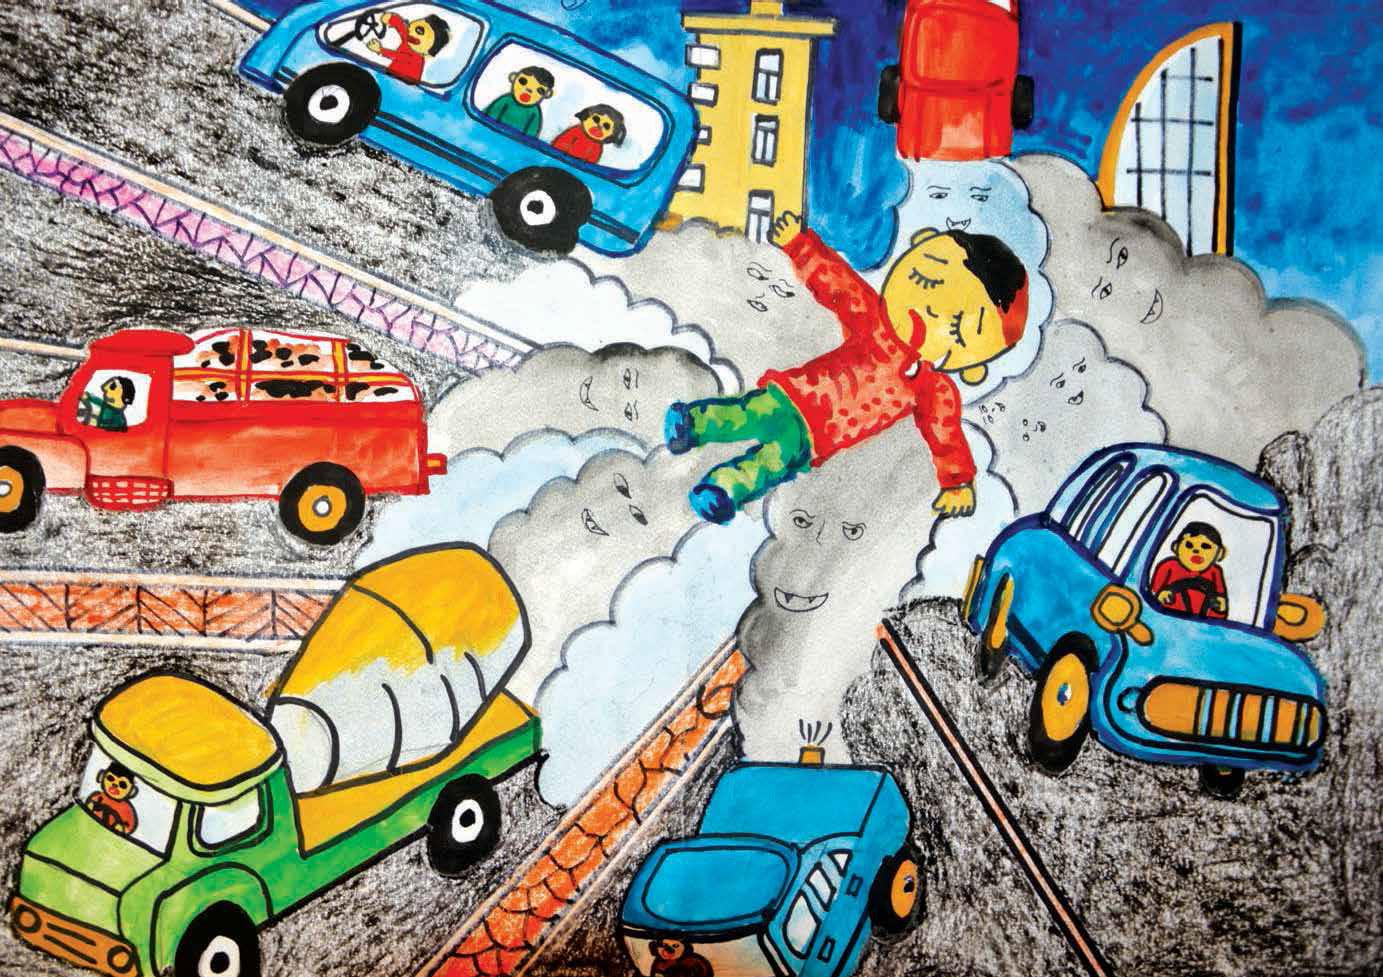 Бага насны хүүхдүүд Улаанбаатарын утаа, тоосжилтын нөлөөнд хамгийн их өртдөгийг судалгаа харуулжээ.